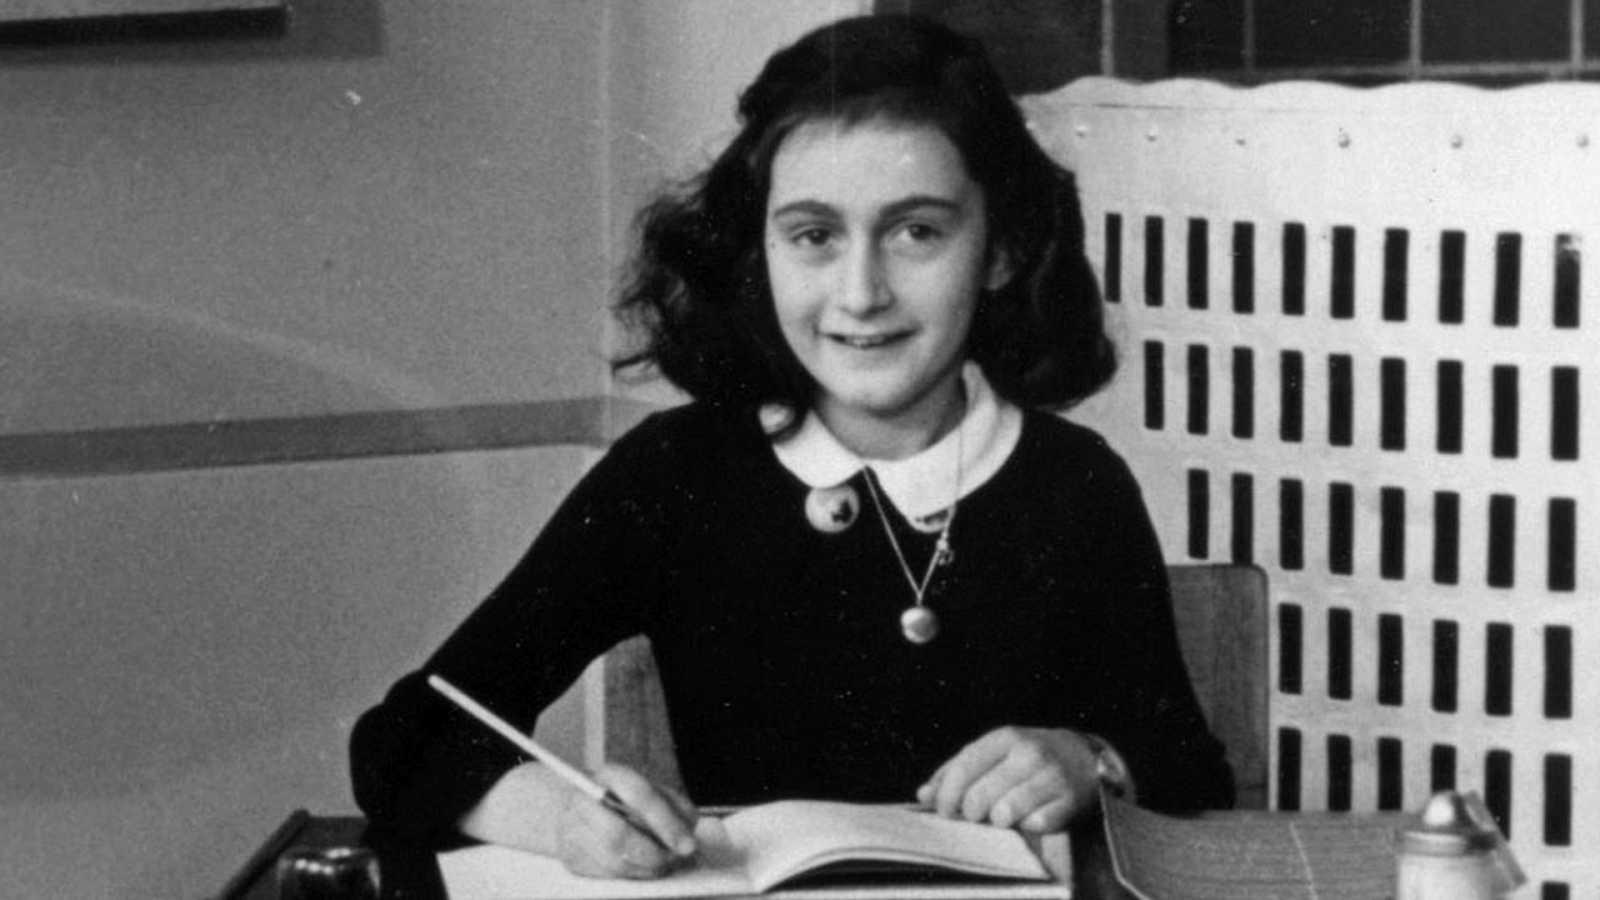 Por tres razones - Lo que nos puede enseñar la historia de Ana Frank durante la cuarentena - Escuchar ahora